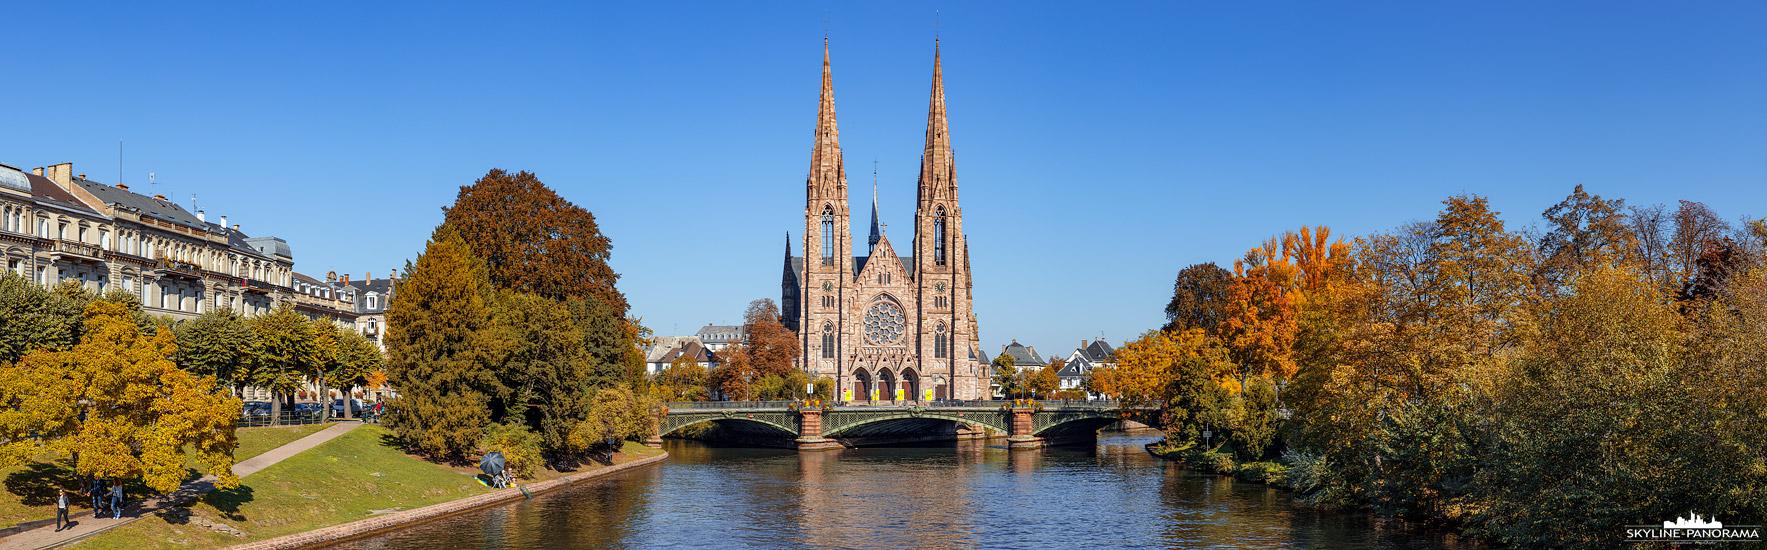 Bilder aus Straßburg - Die Paulskirche (Église Saint-Paul), am Ufer der Ill gelegen, befindet sich in der Neustadt von Straßburg, hierbei handelt es sich um eine protestantische Kirche, die im neugotischen Stil erbaut wurde.